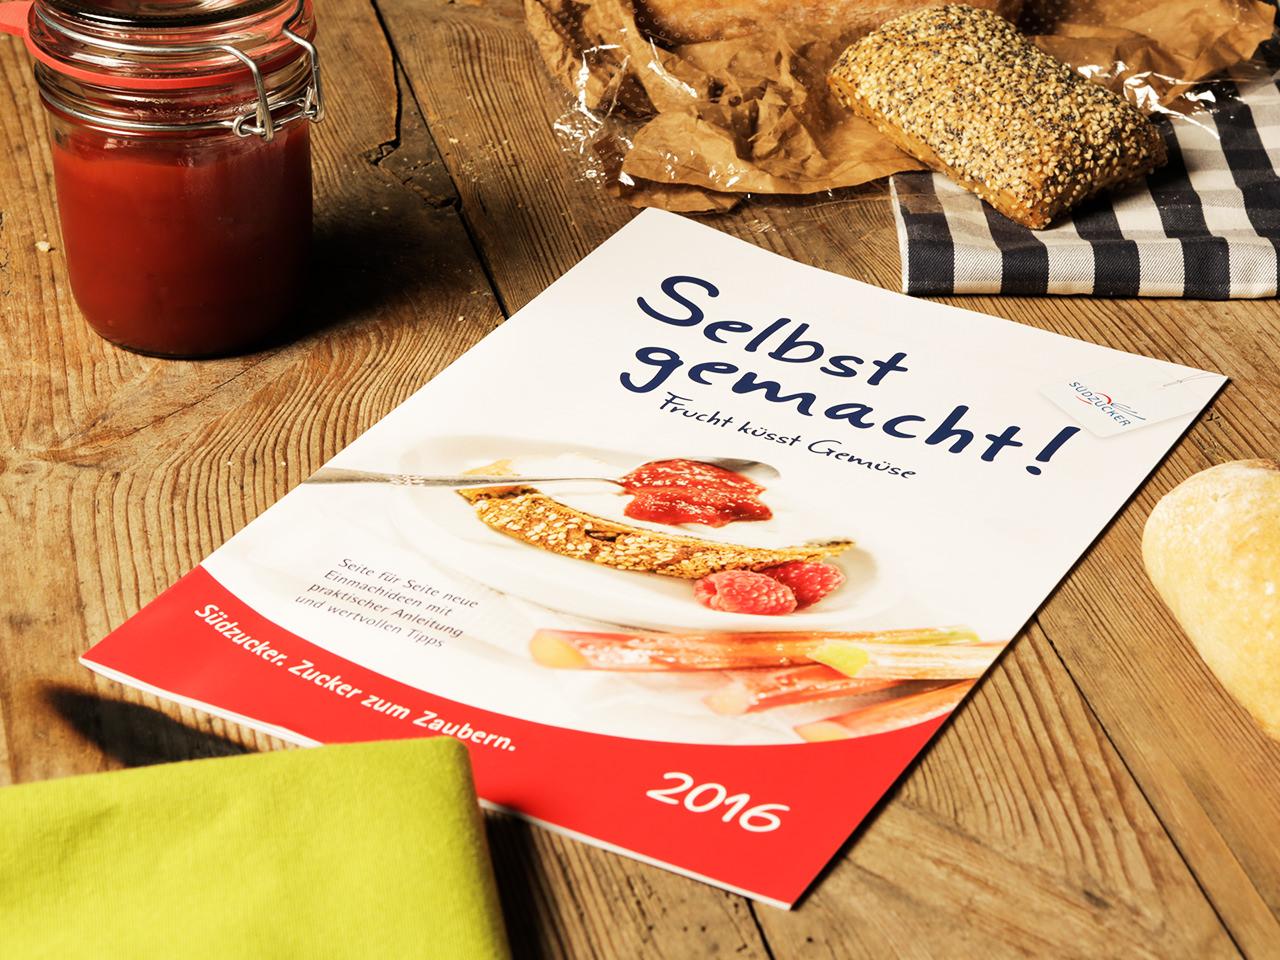 Sabath Media Werbeagentur - Südzucker – Projektbeispiel - Referenzbild 5